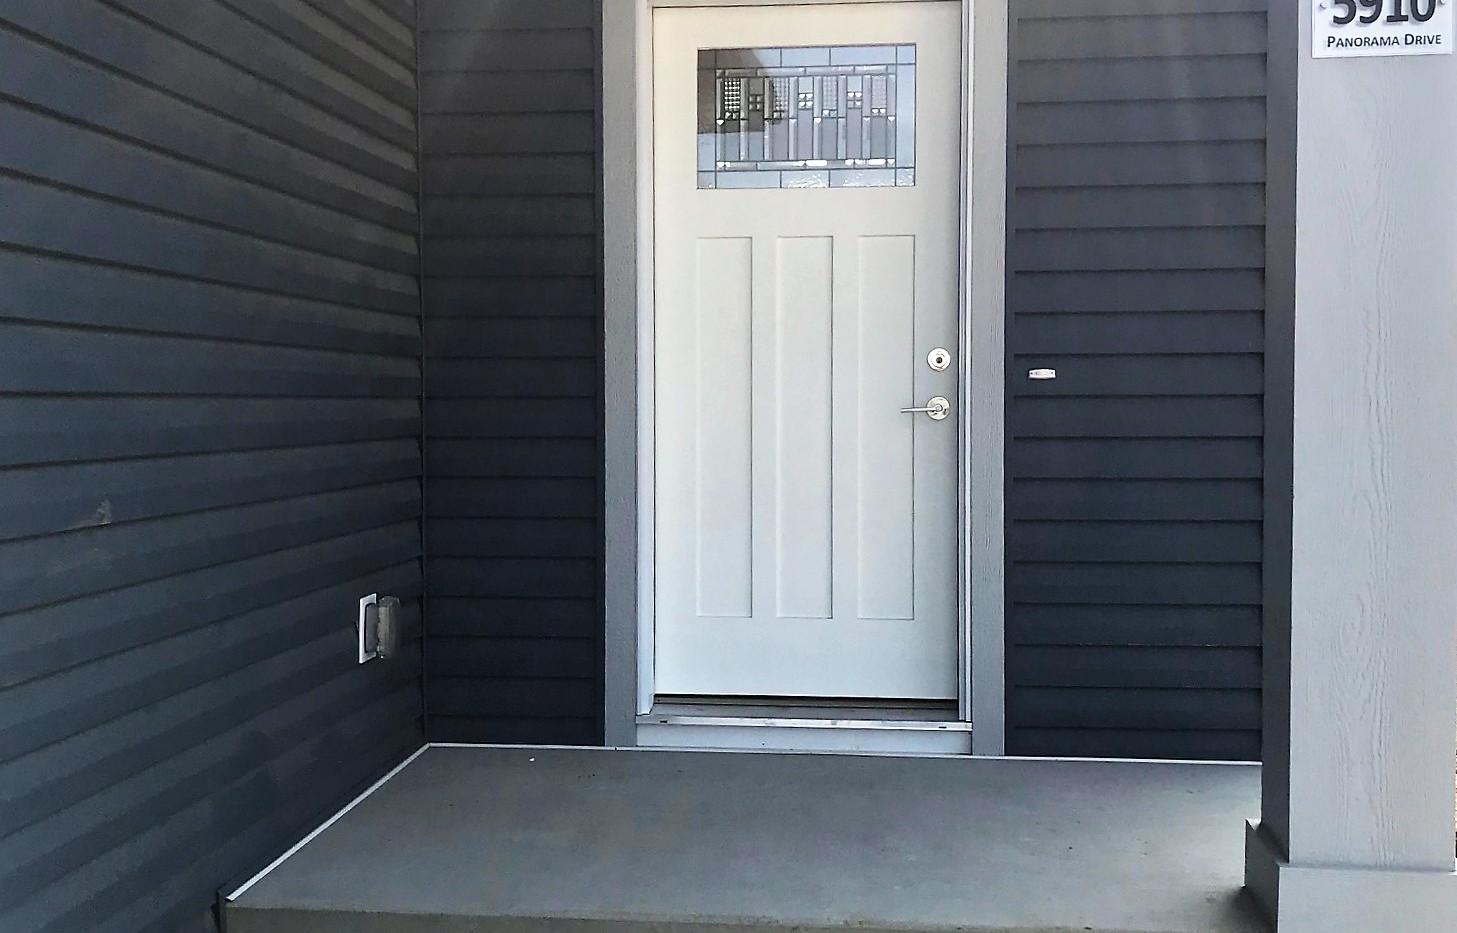 5910 Panorama Drive | Front Door